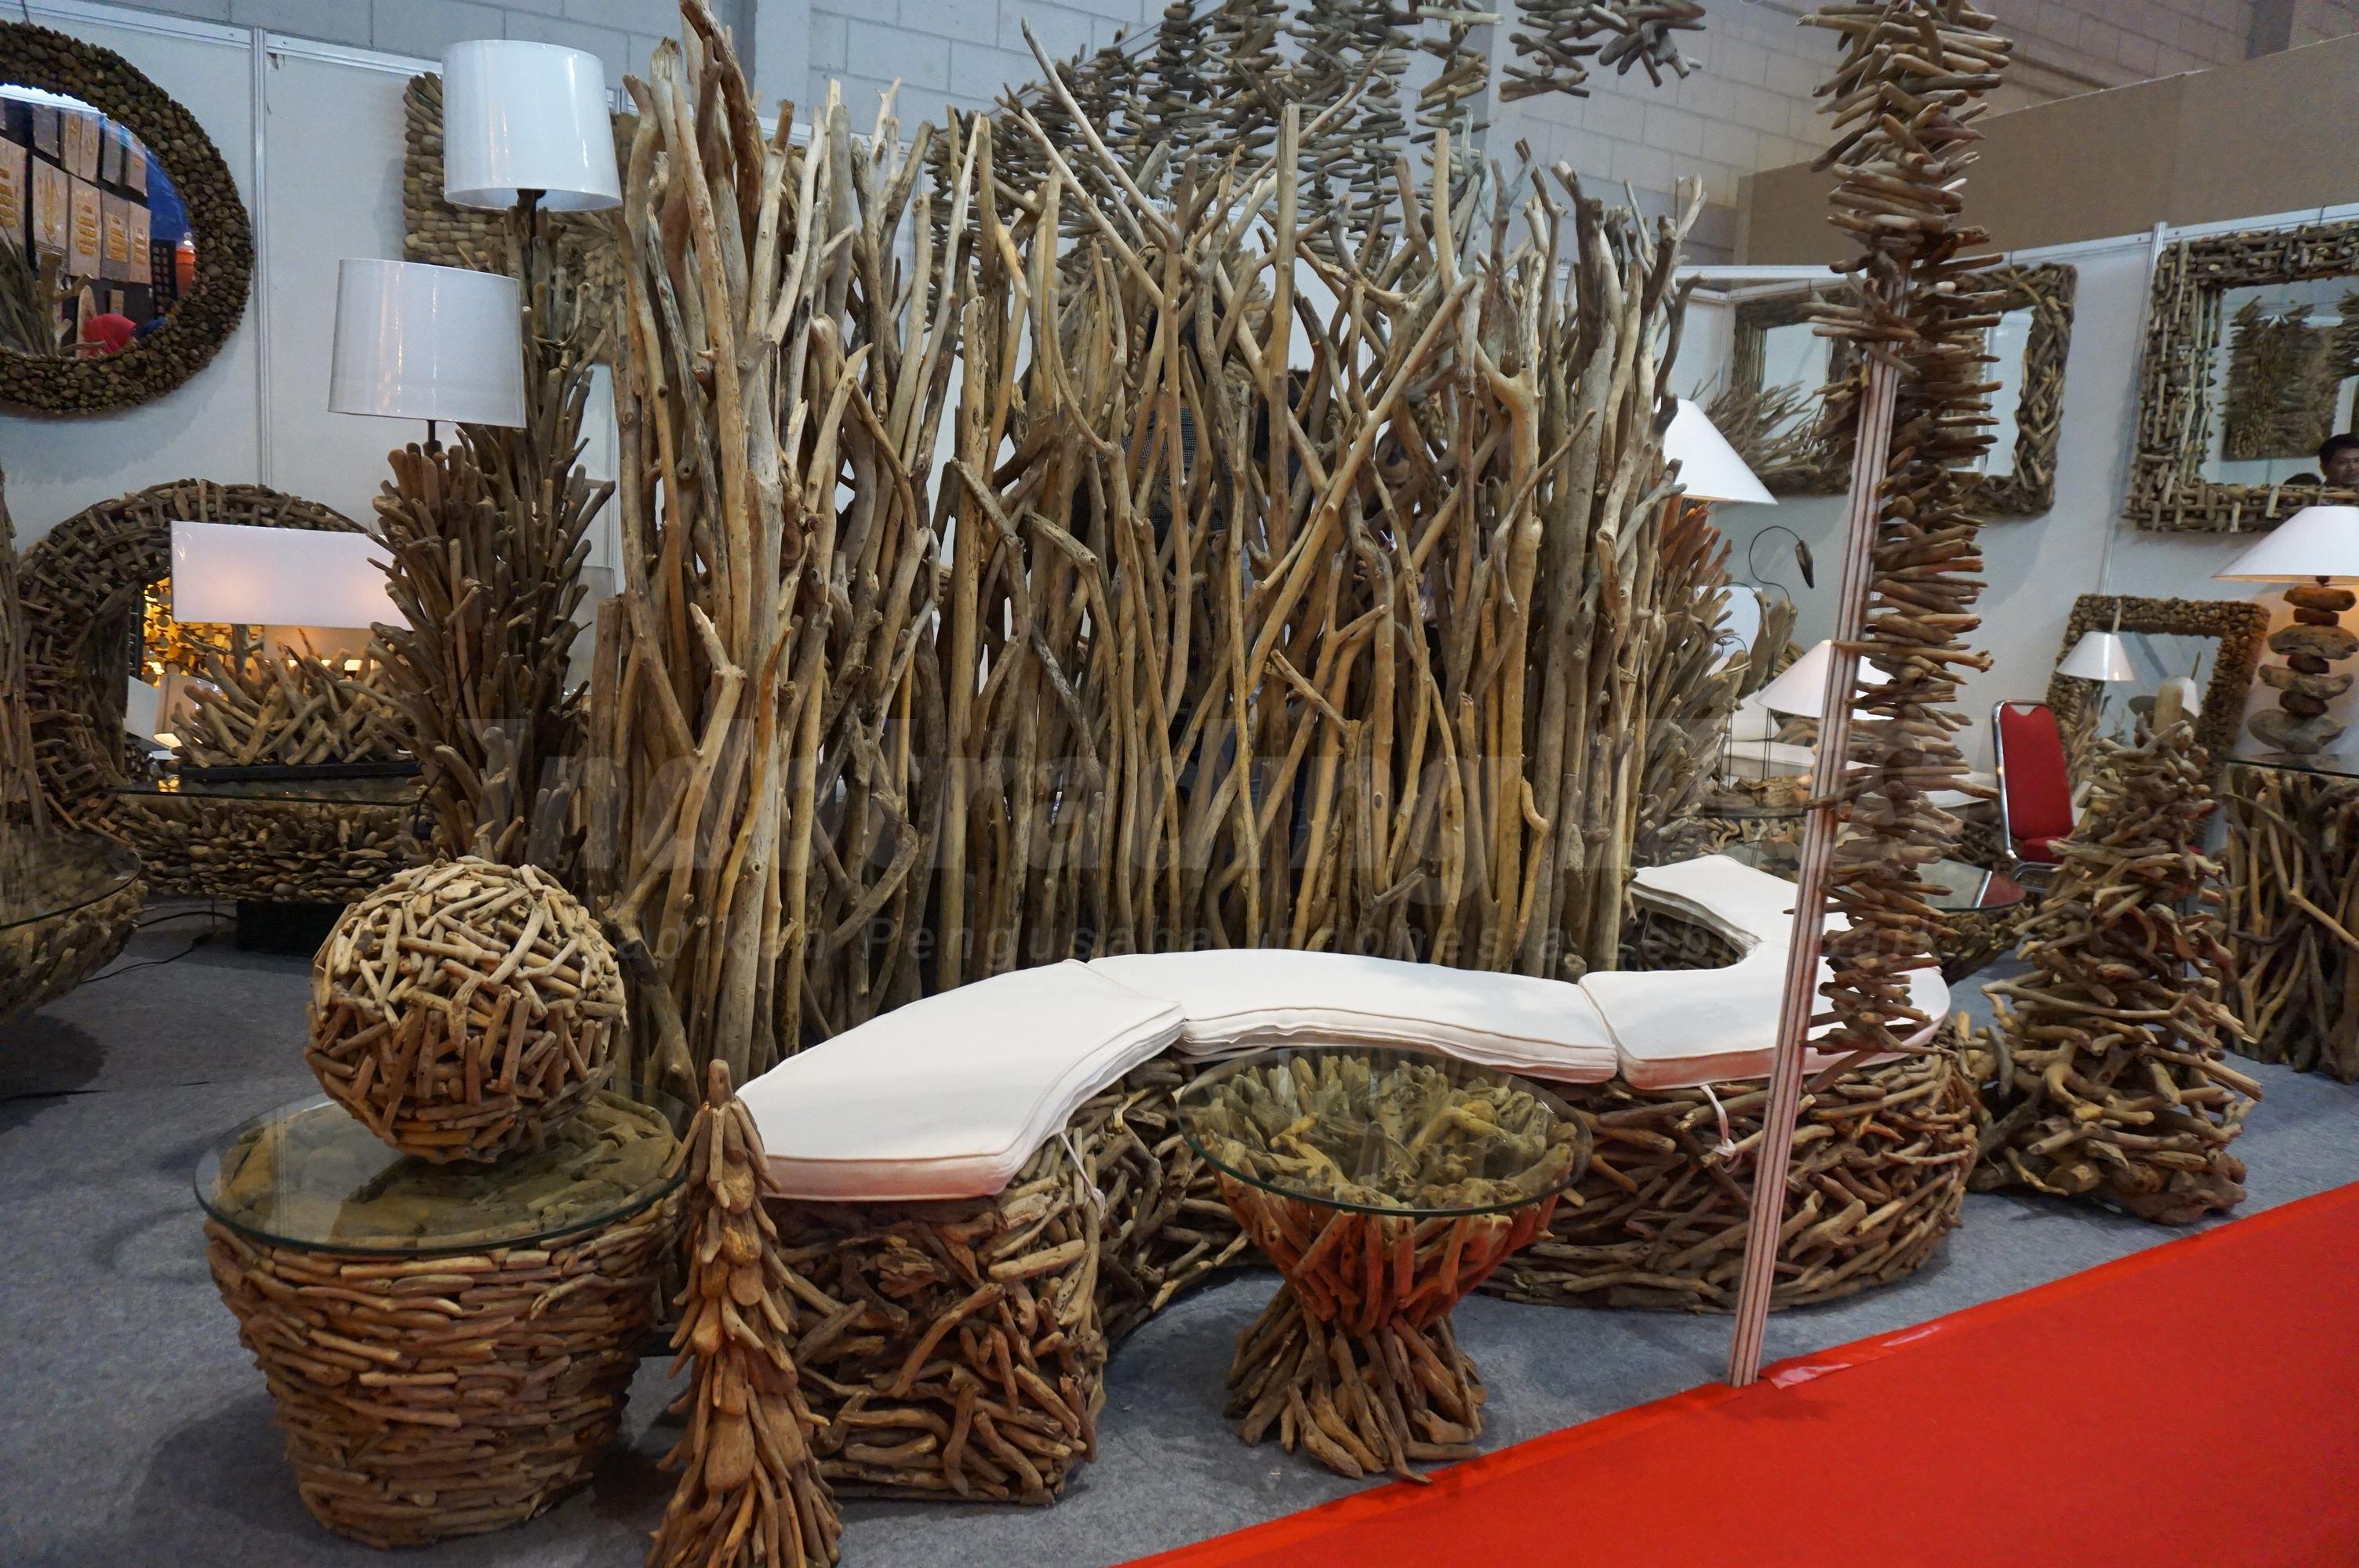 Foto: Berbagai macam interior desain Kioski Gallery milik Made Sutamaya/Dok: indotrading.com